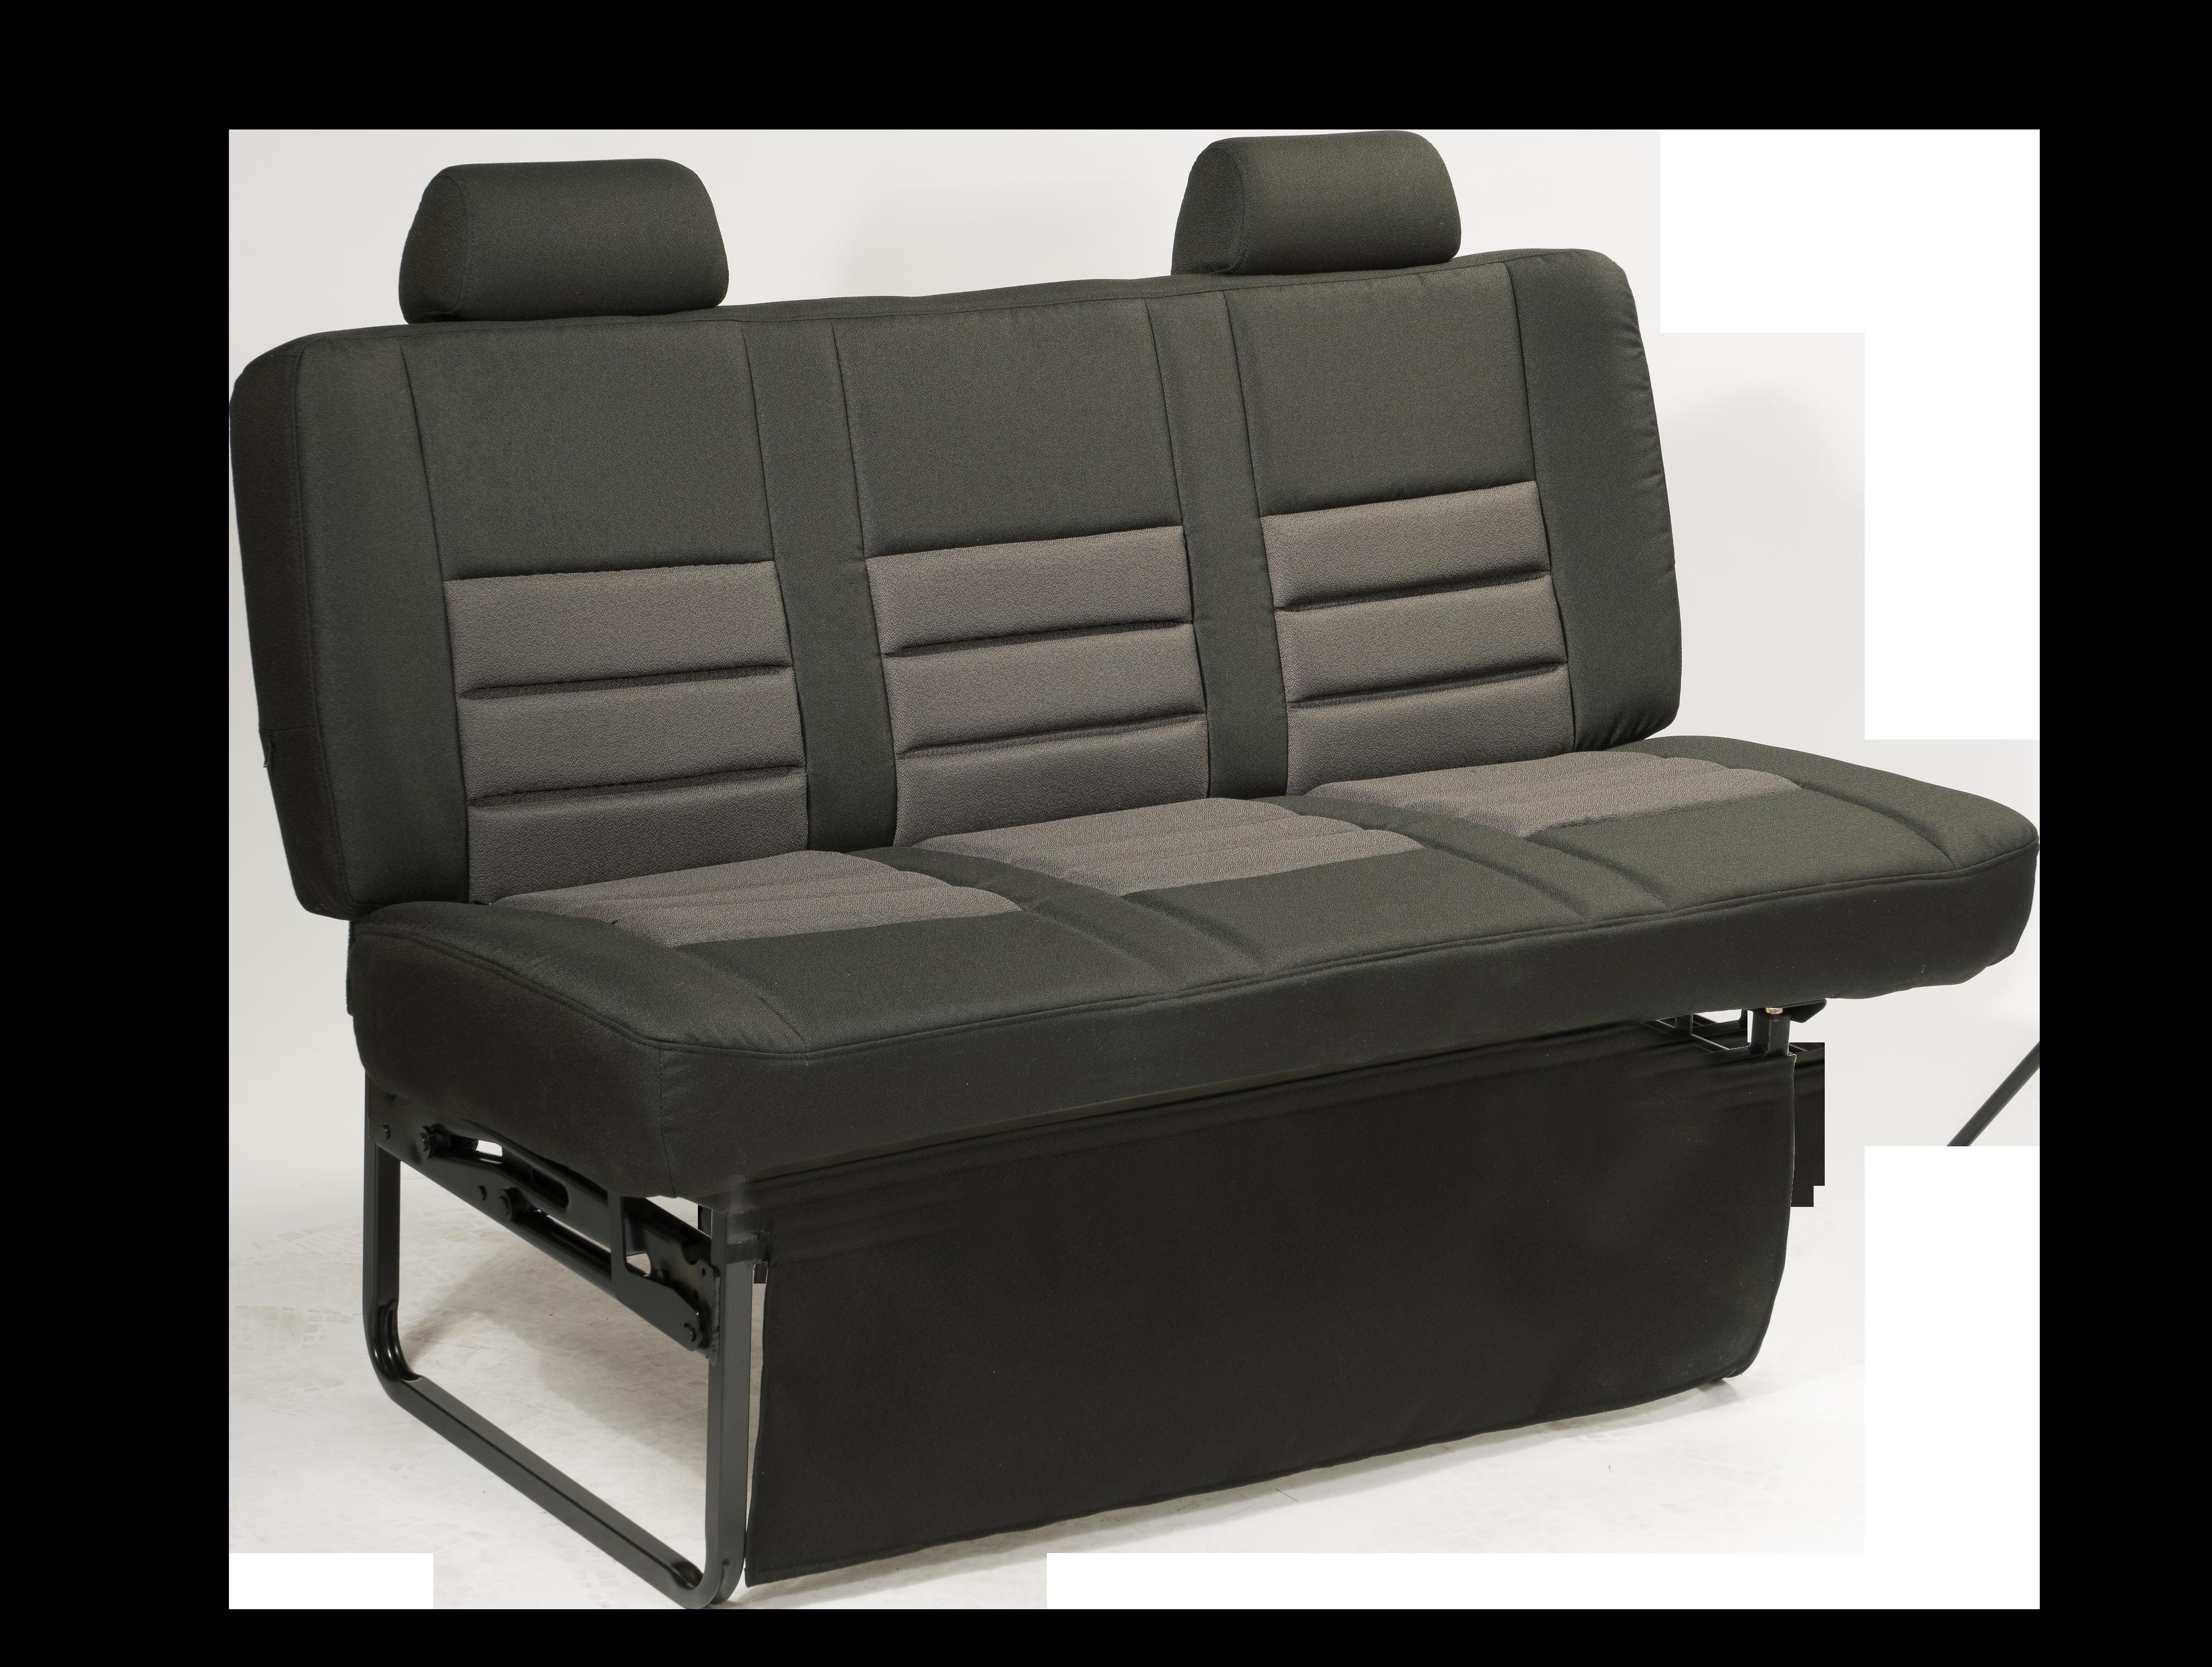 HSM Sofa Van Seating